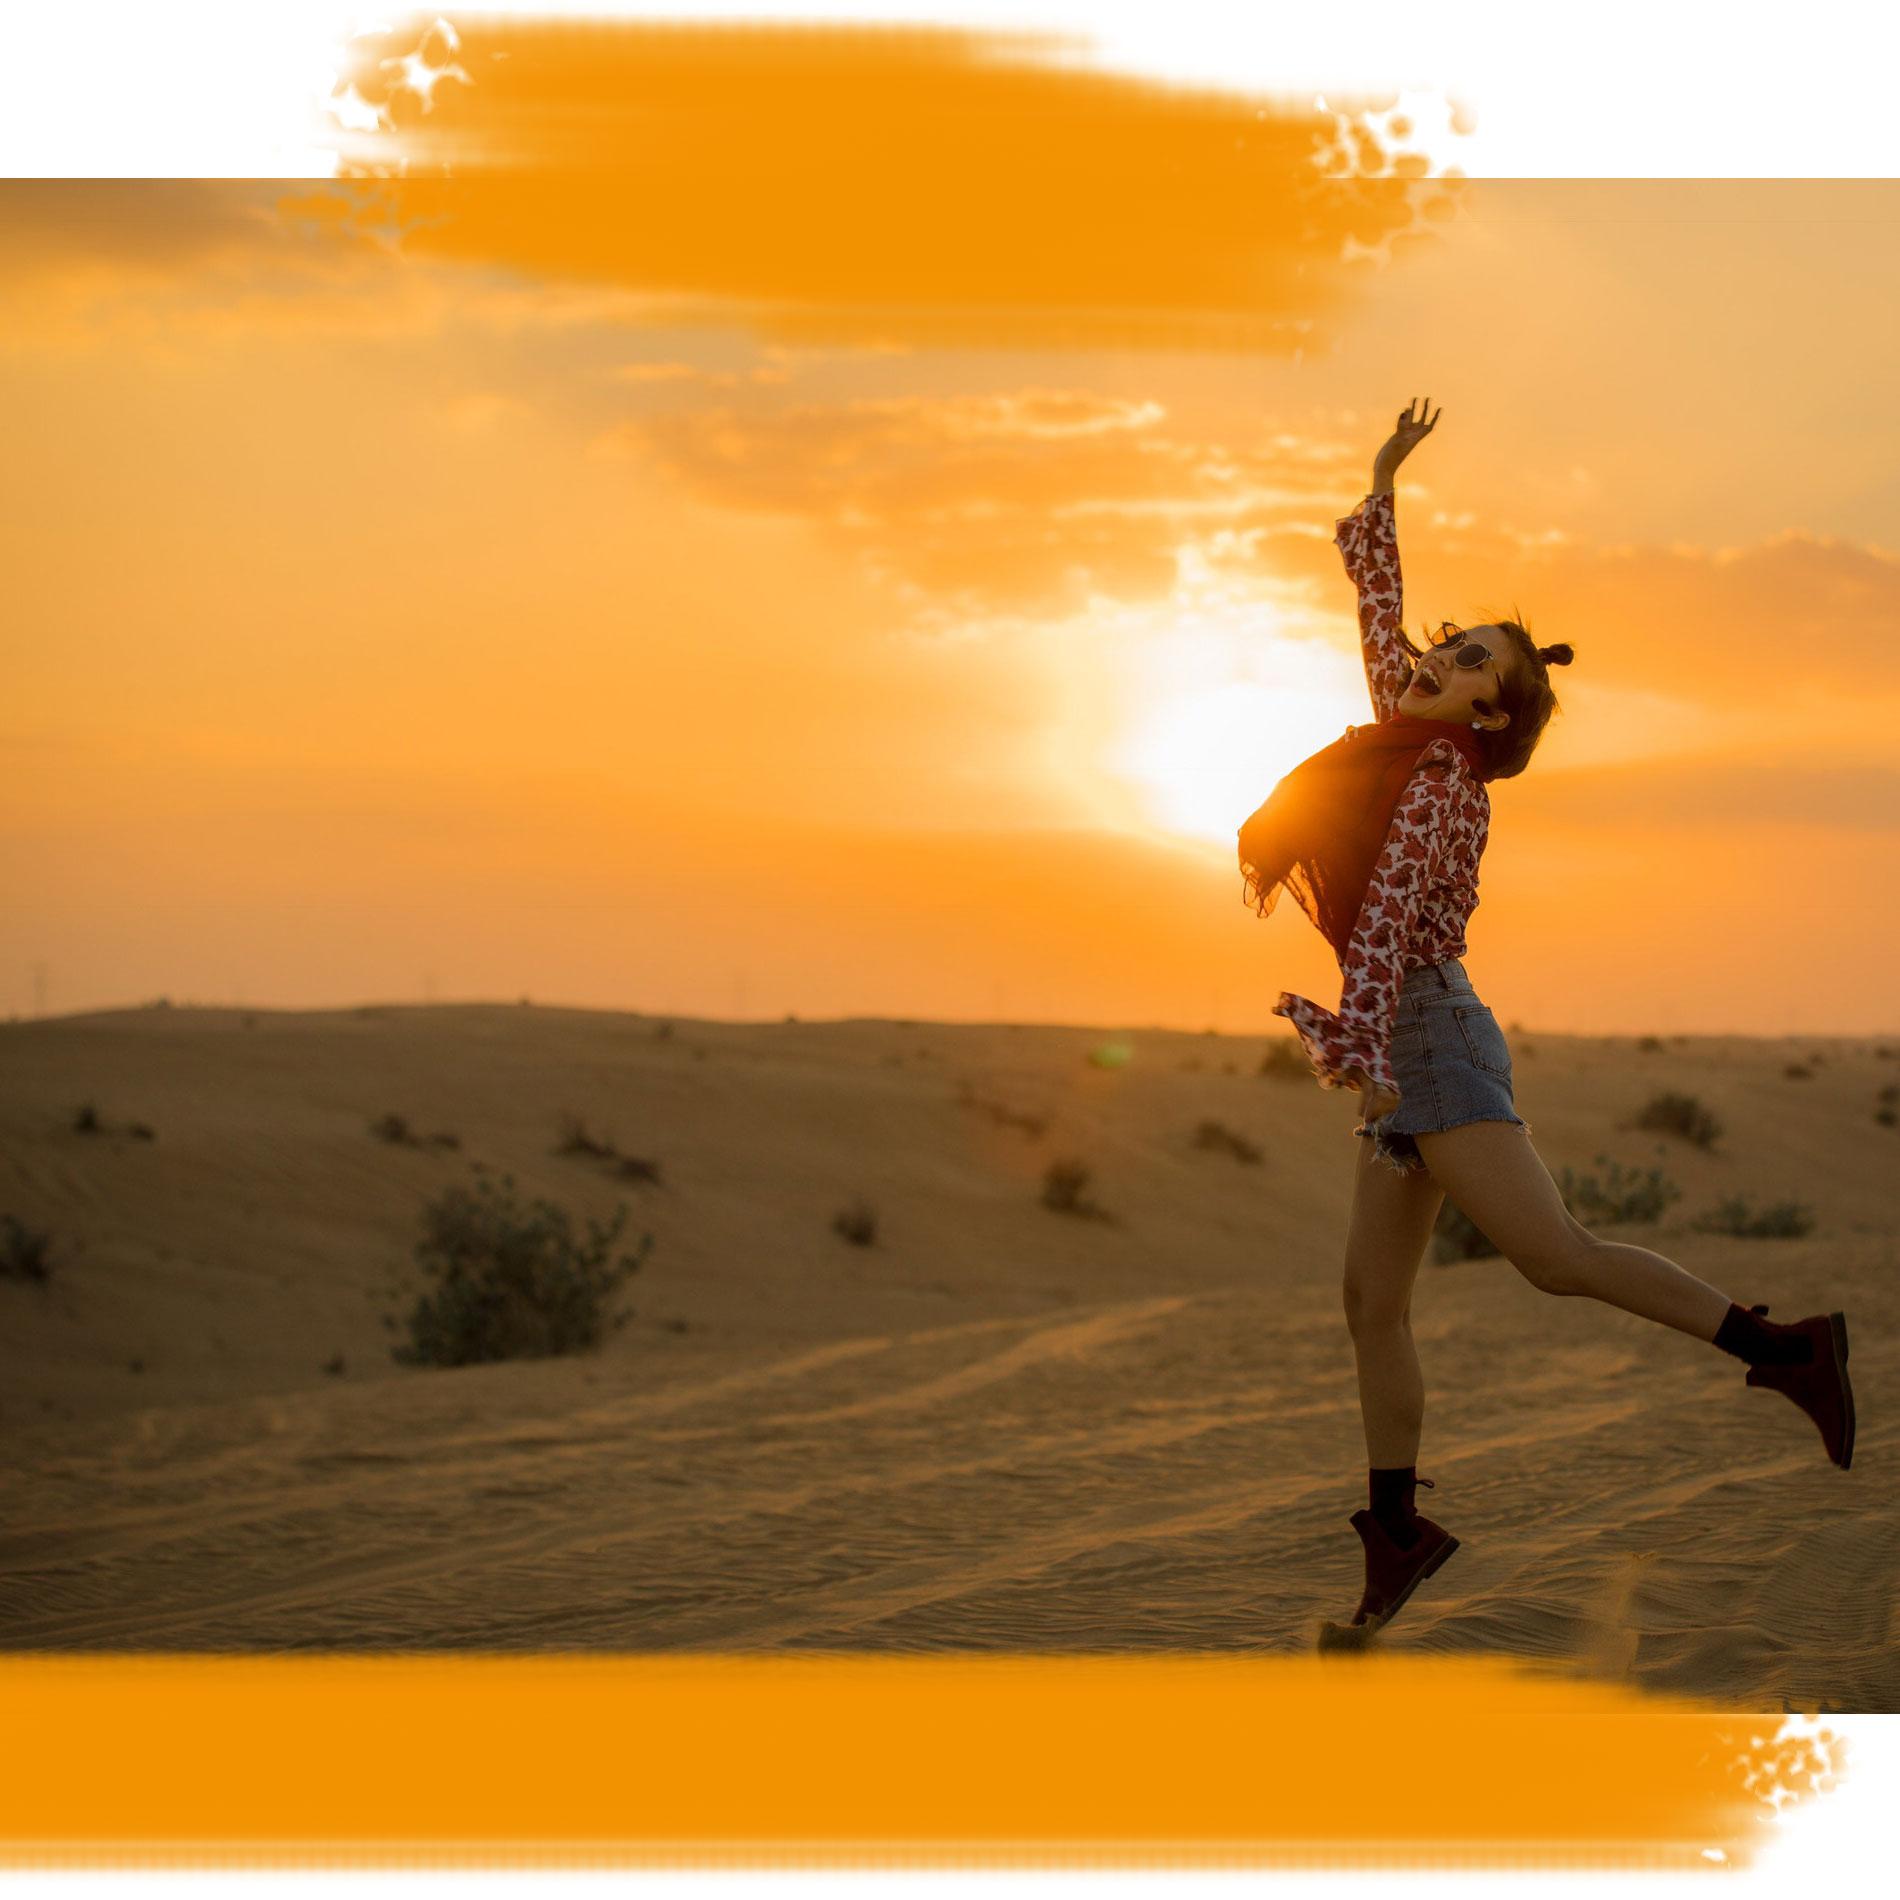 Sebstvertrauen stärken, Tipps für mehr Selbstvertrauen, innerer Kritiker, inneren Kritiker stumm stellen, Vergleiche stoppen,